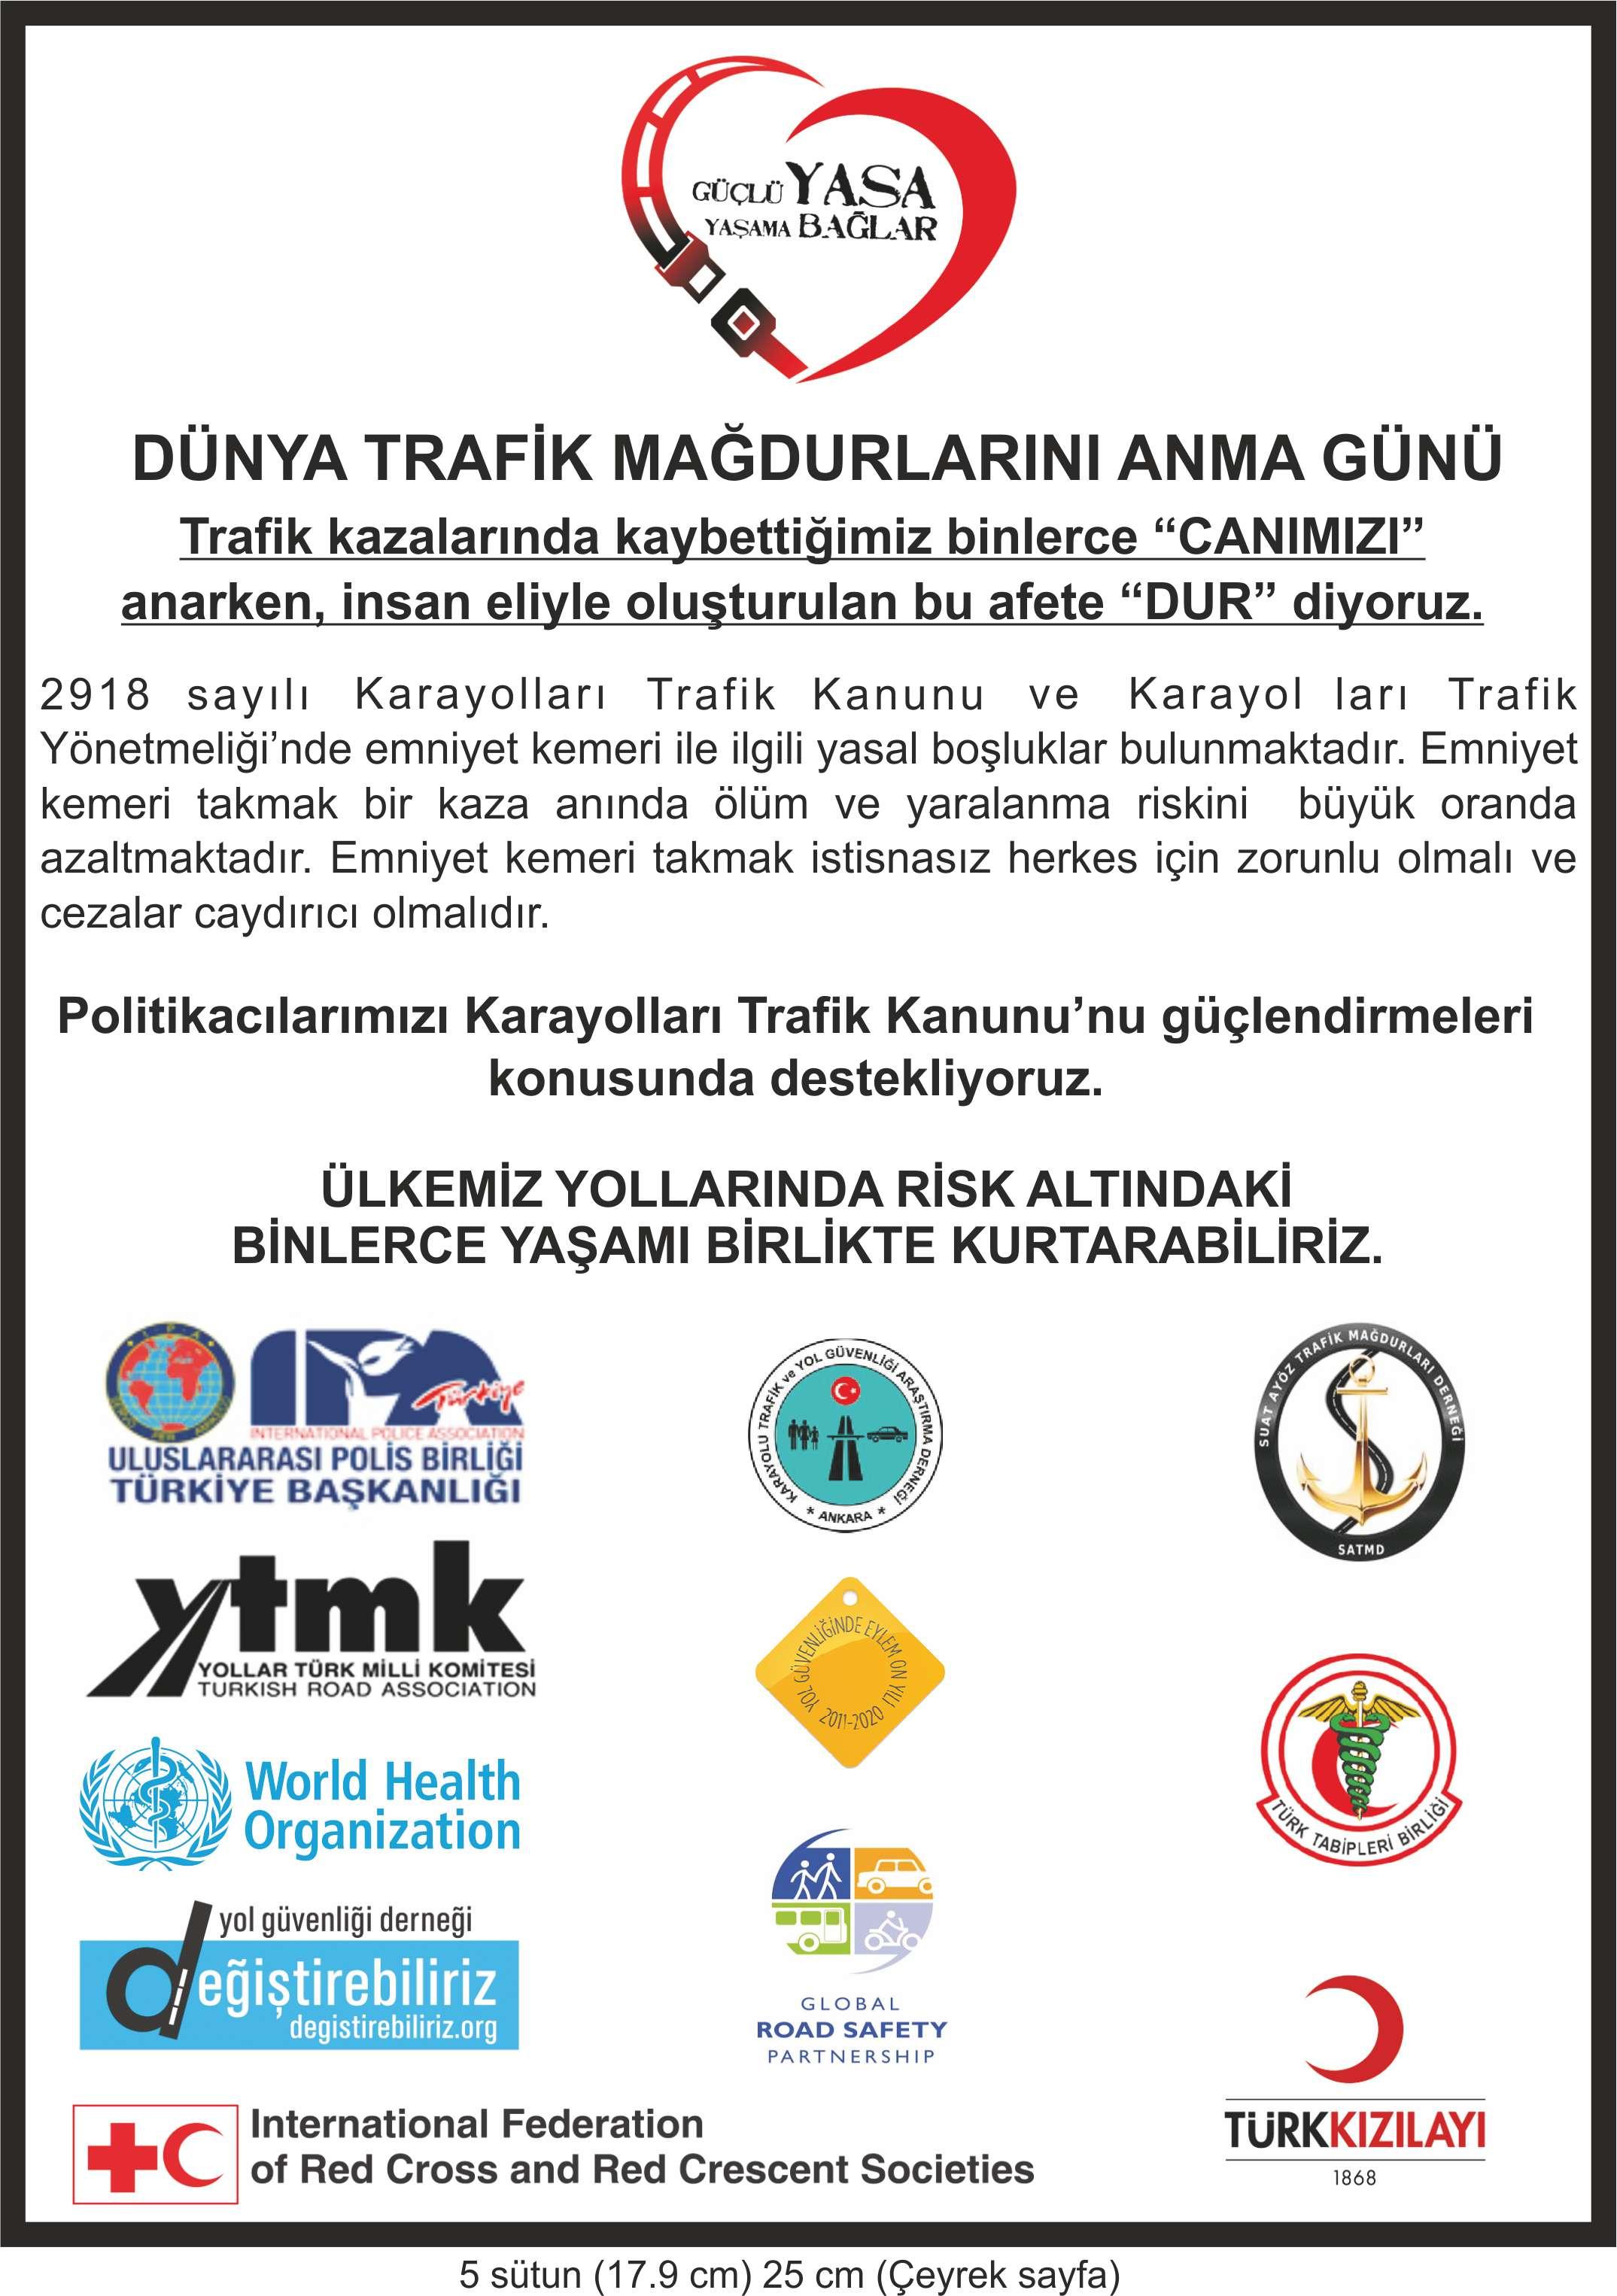 dünya trafik mağdurlarını anma günü